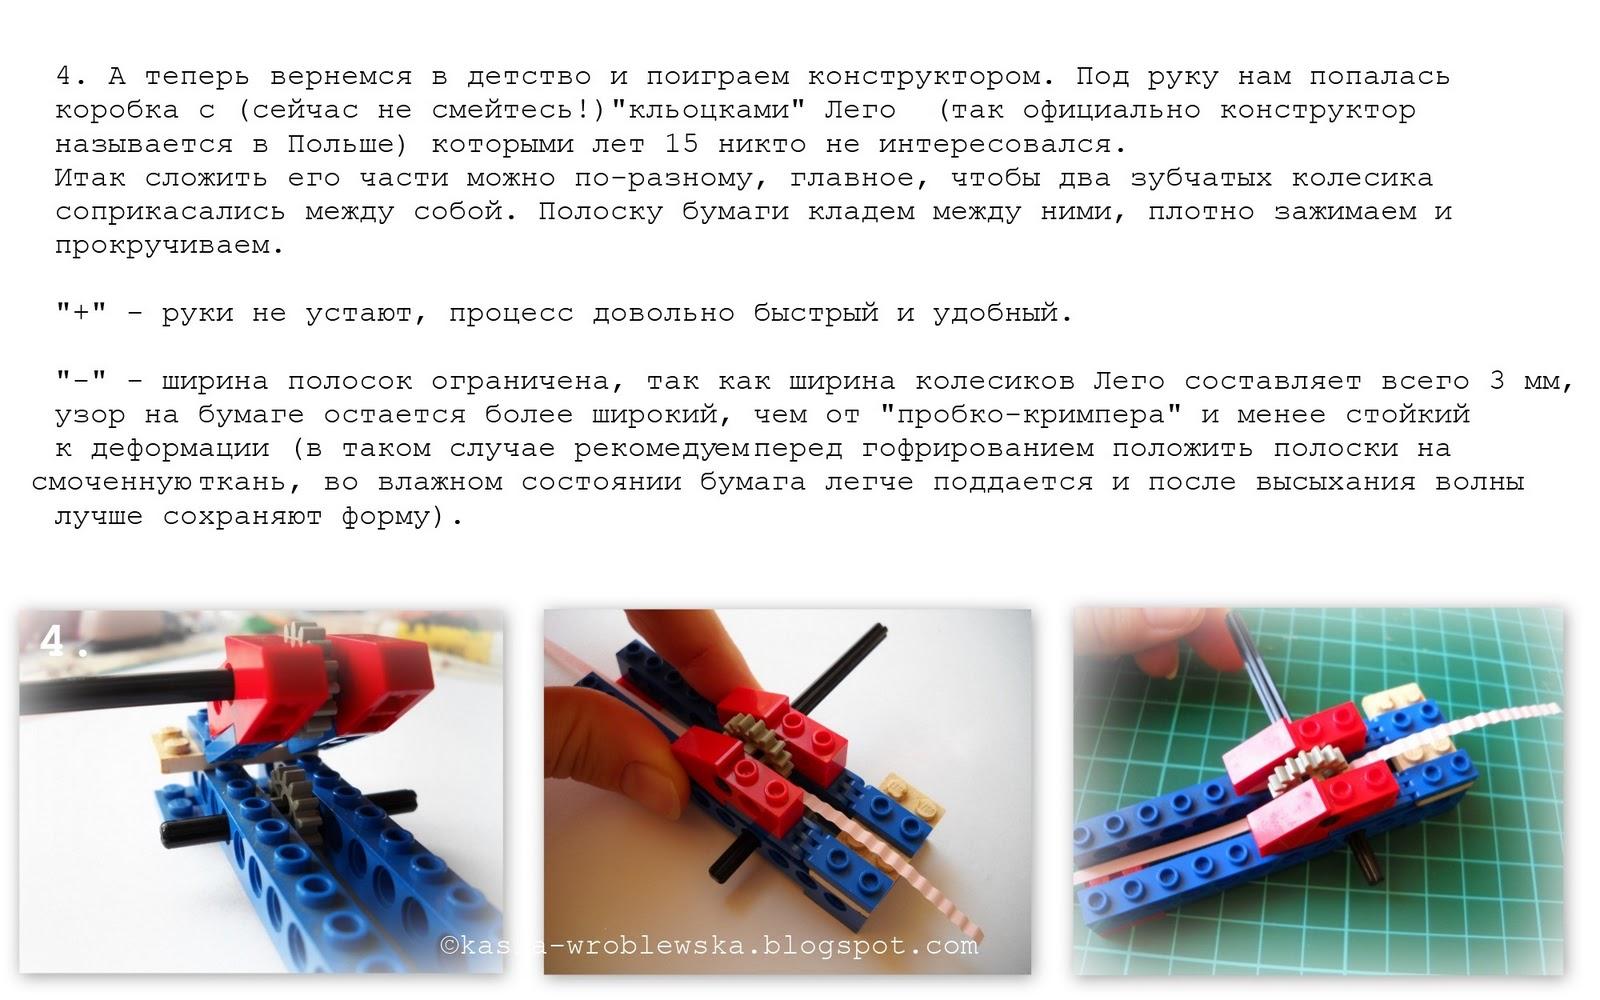 Гофрированная бумага как сделать волнистыми краями